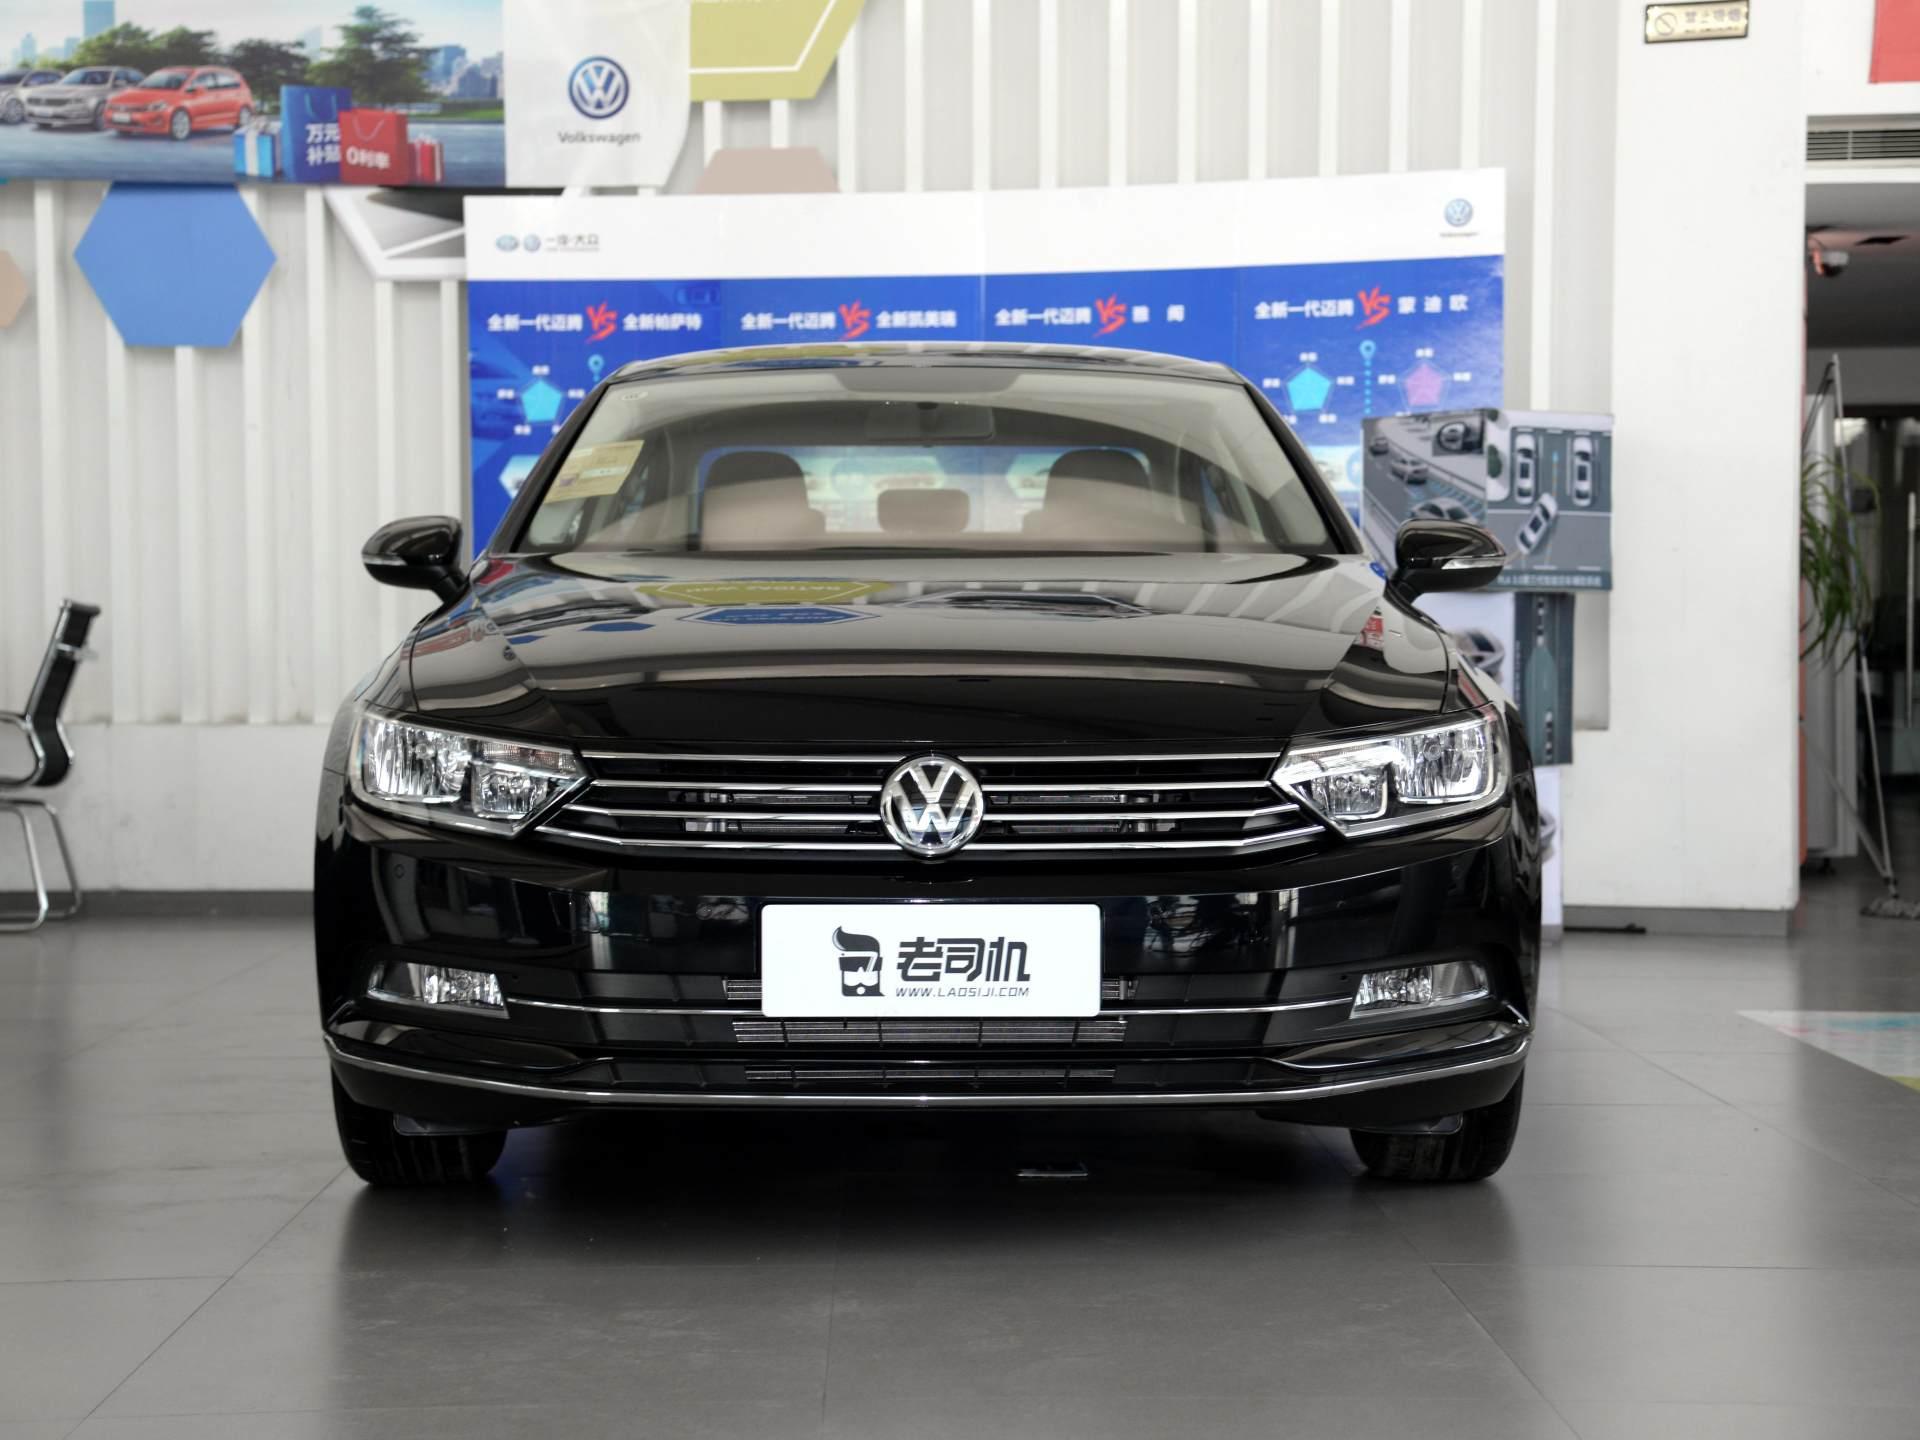 隻要價格到位,這車能超越雅閣,2.0T+2.87米軸距,8月銷量1.8萬輛-圖2